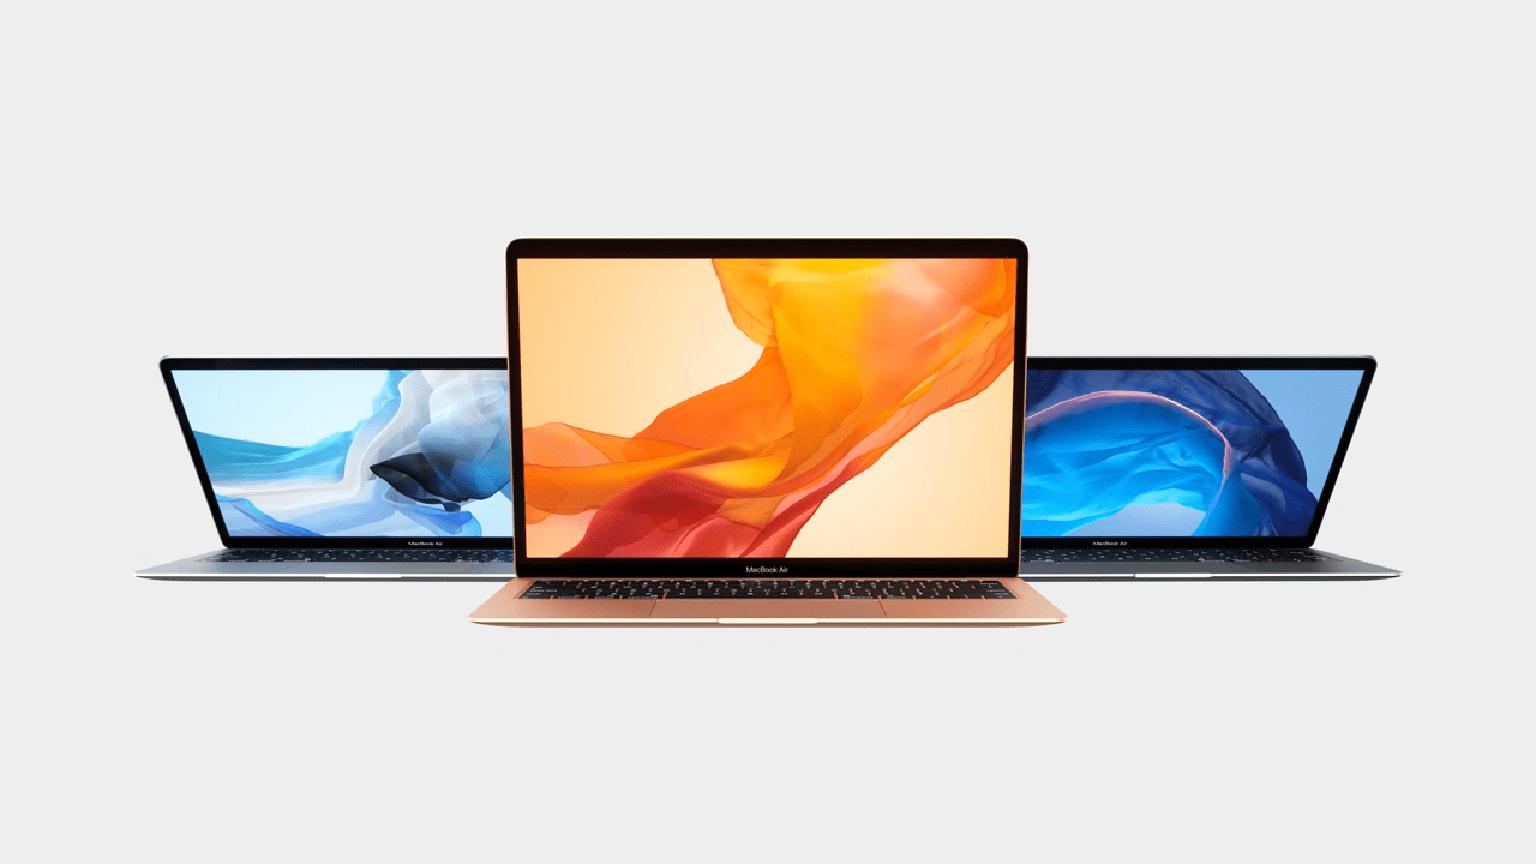 MacBook Air (2018) officialisé : un rafraîchissement bienvenu pour l'ultraportable